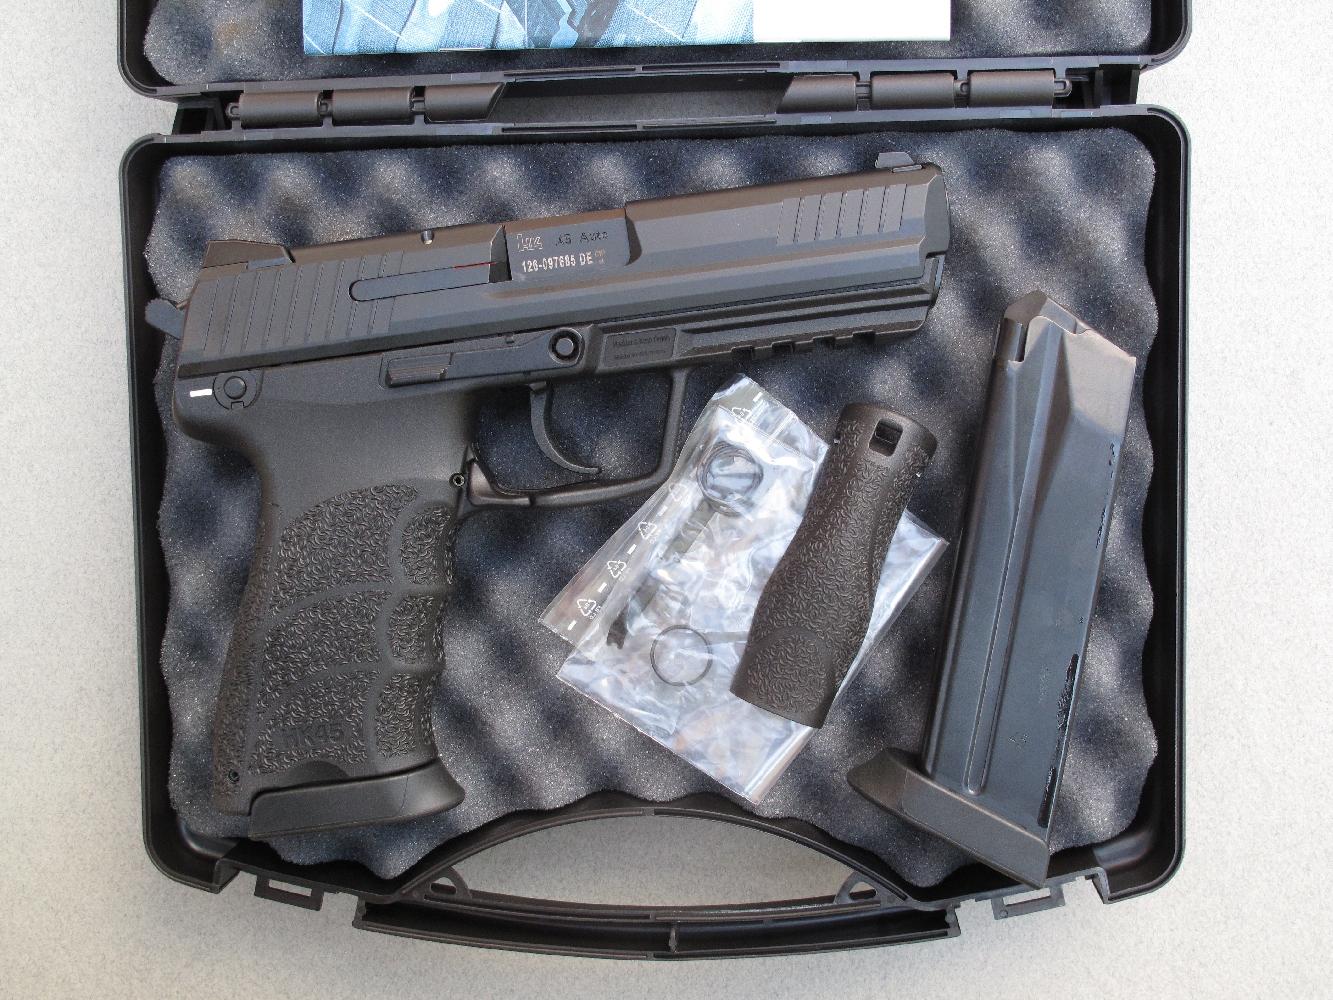 L'arme est livrée dans une mallette, accompagnée par deux chargeurs, quatre joints de bushing de rechange, deux dos interchangeables et une clé permettant d'actionner son verrouillage de sûreté.